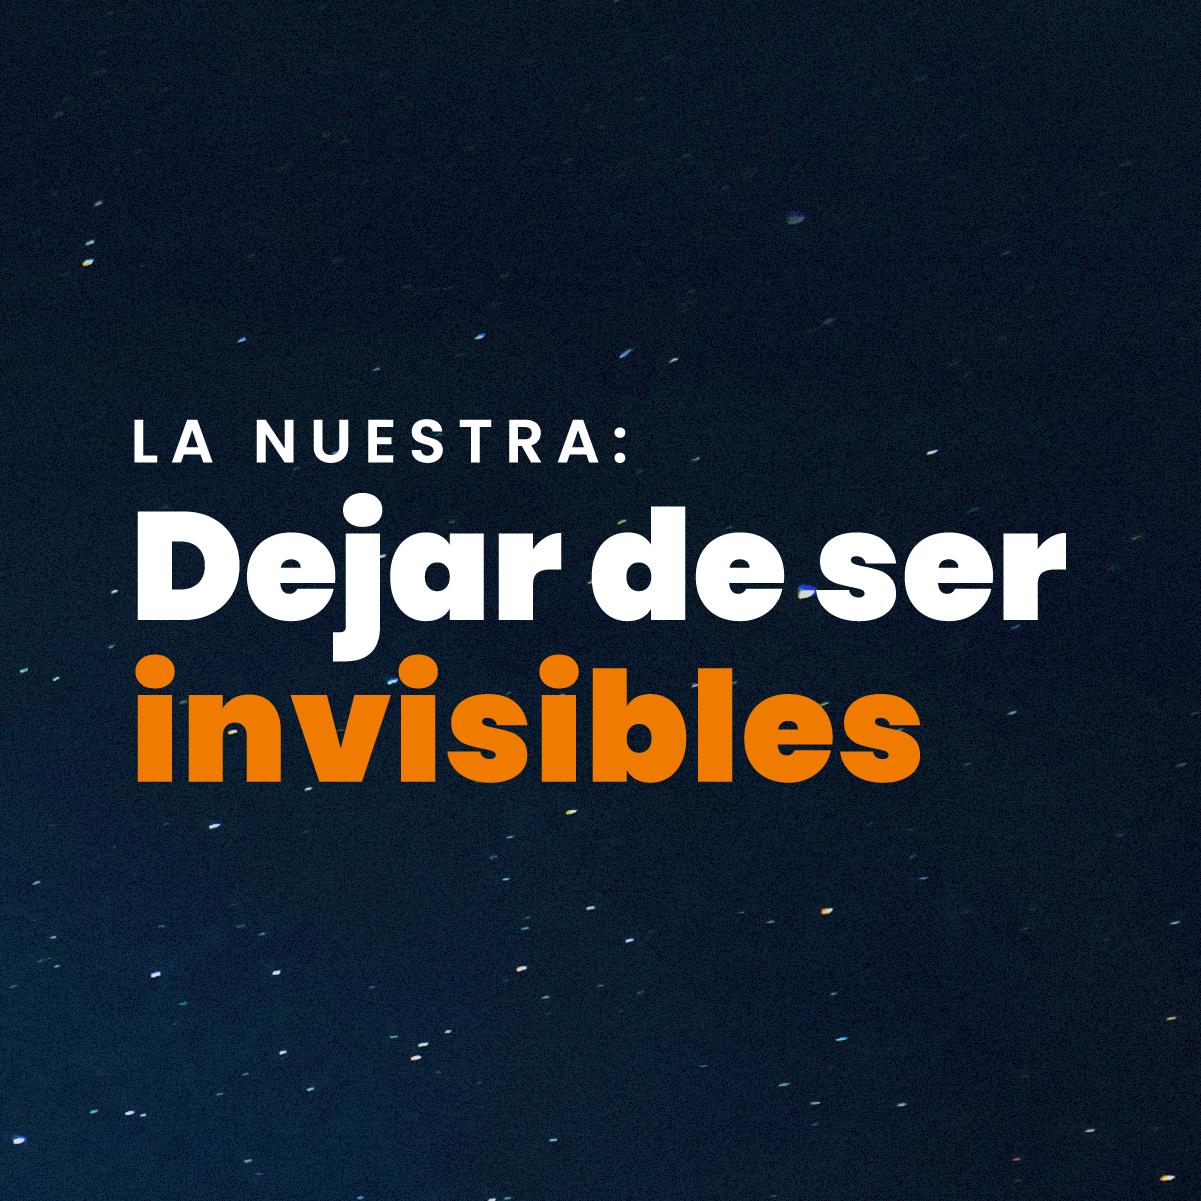 Dejar de ser invisibles